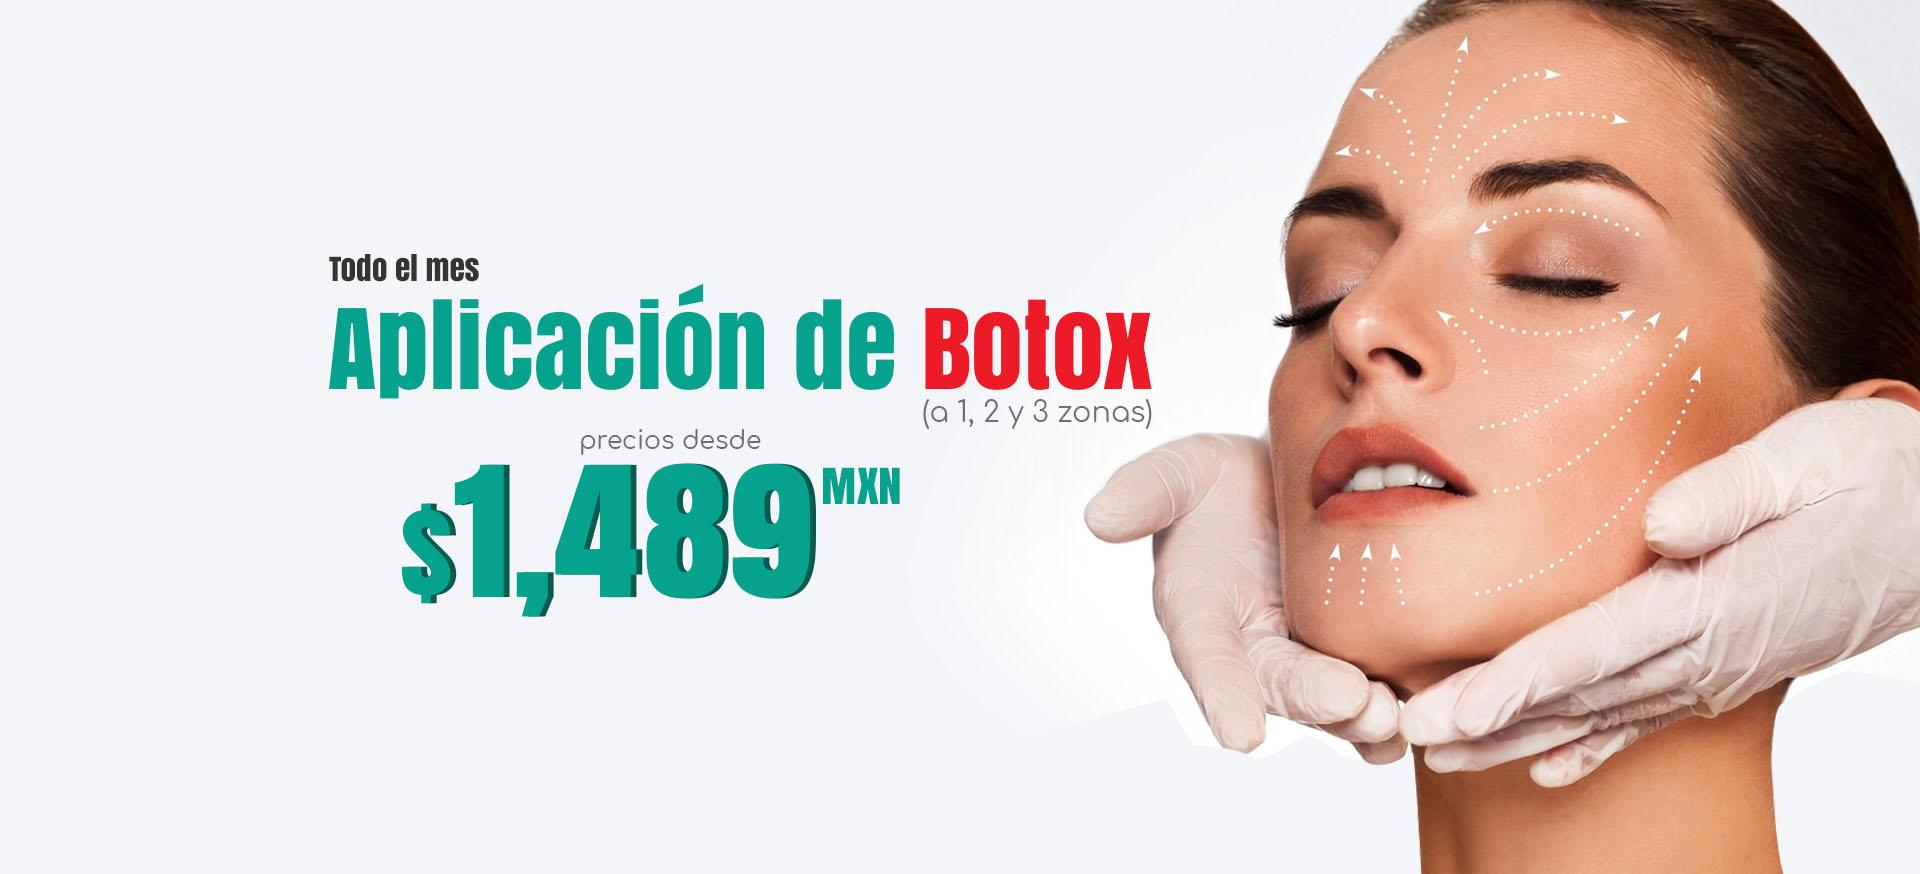 Clínicas de Bótox en Querétaro